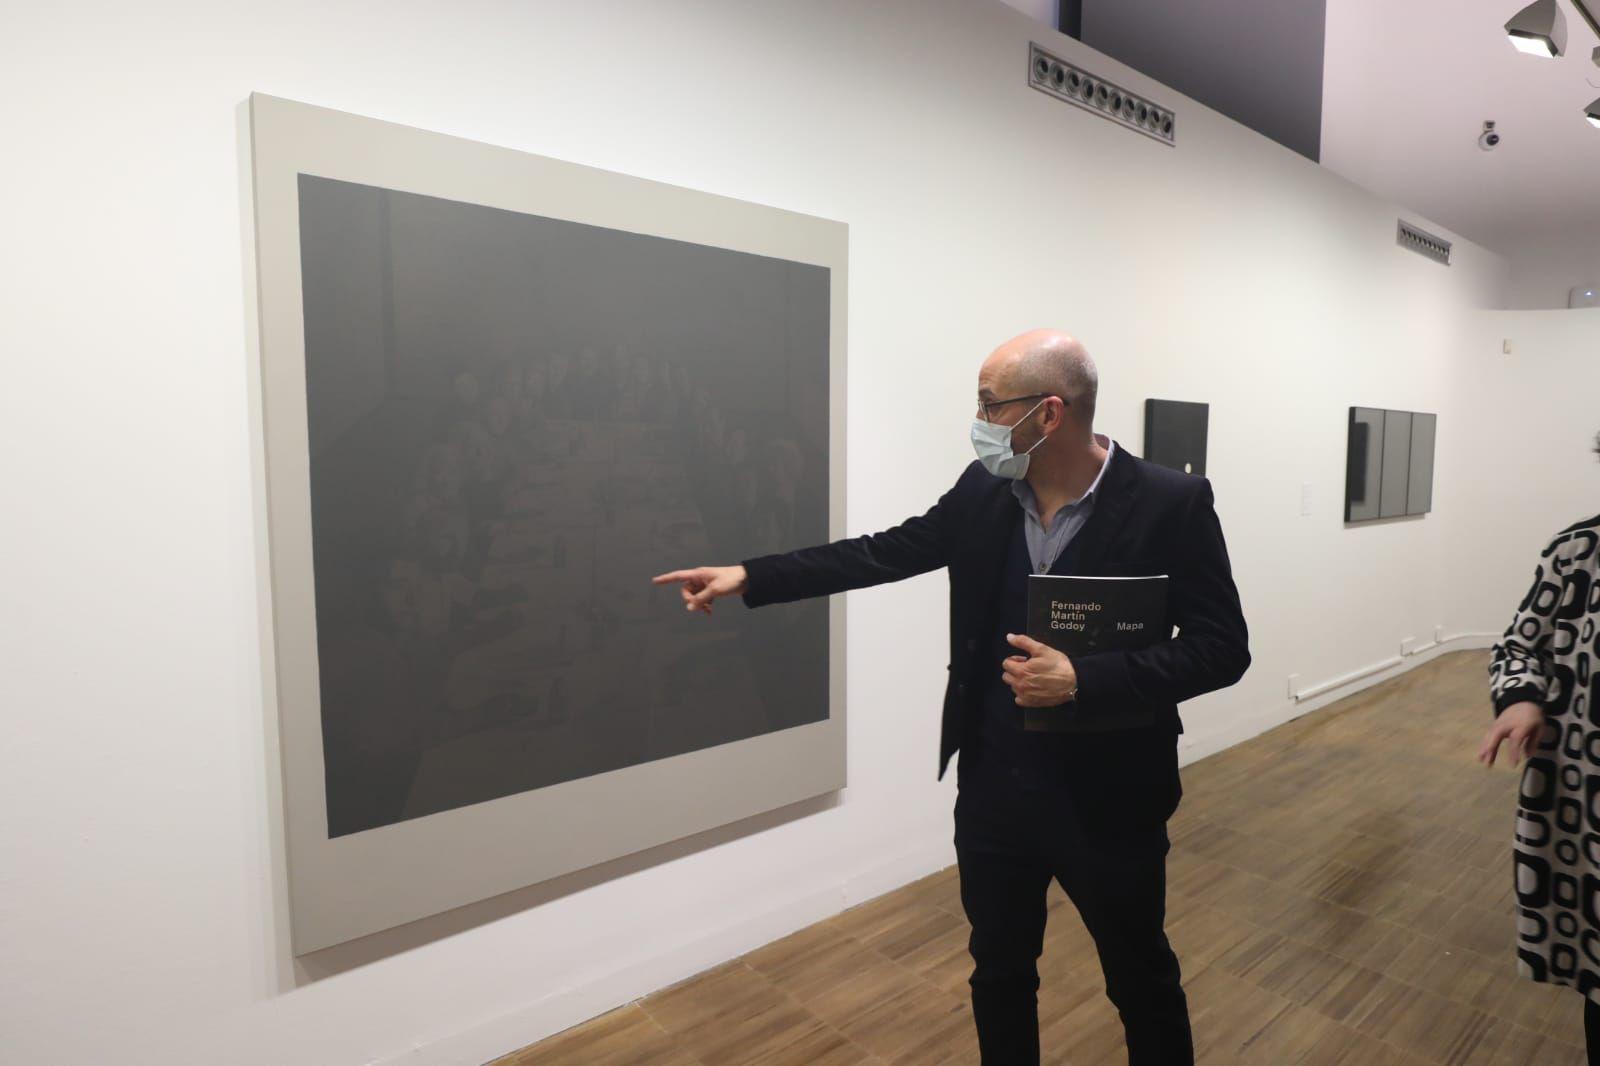 Presentación de 'Mapa', la última exposición de Martín Godoy.